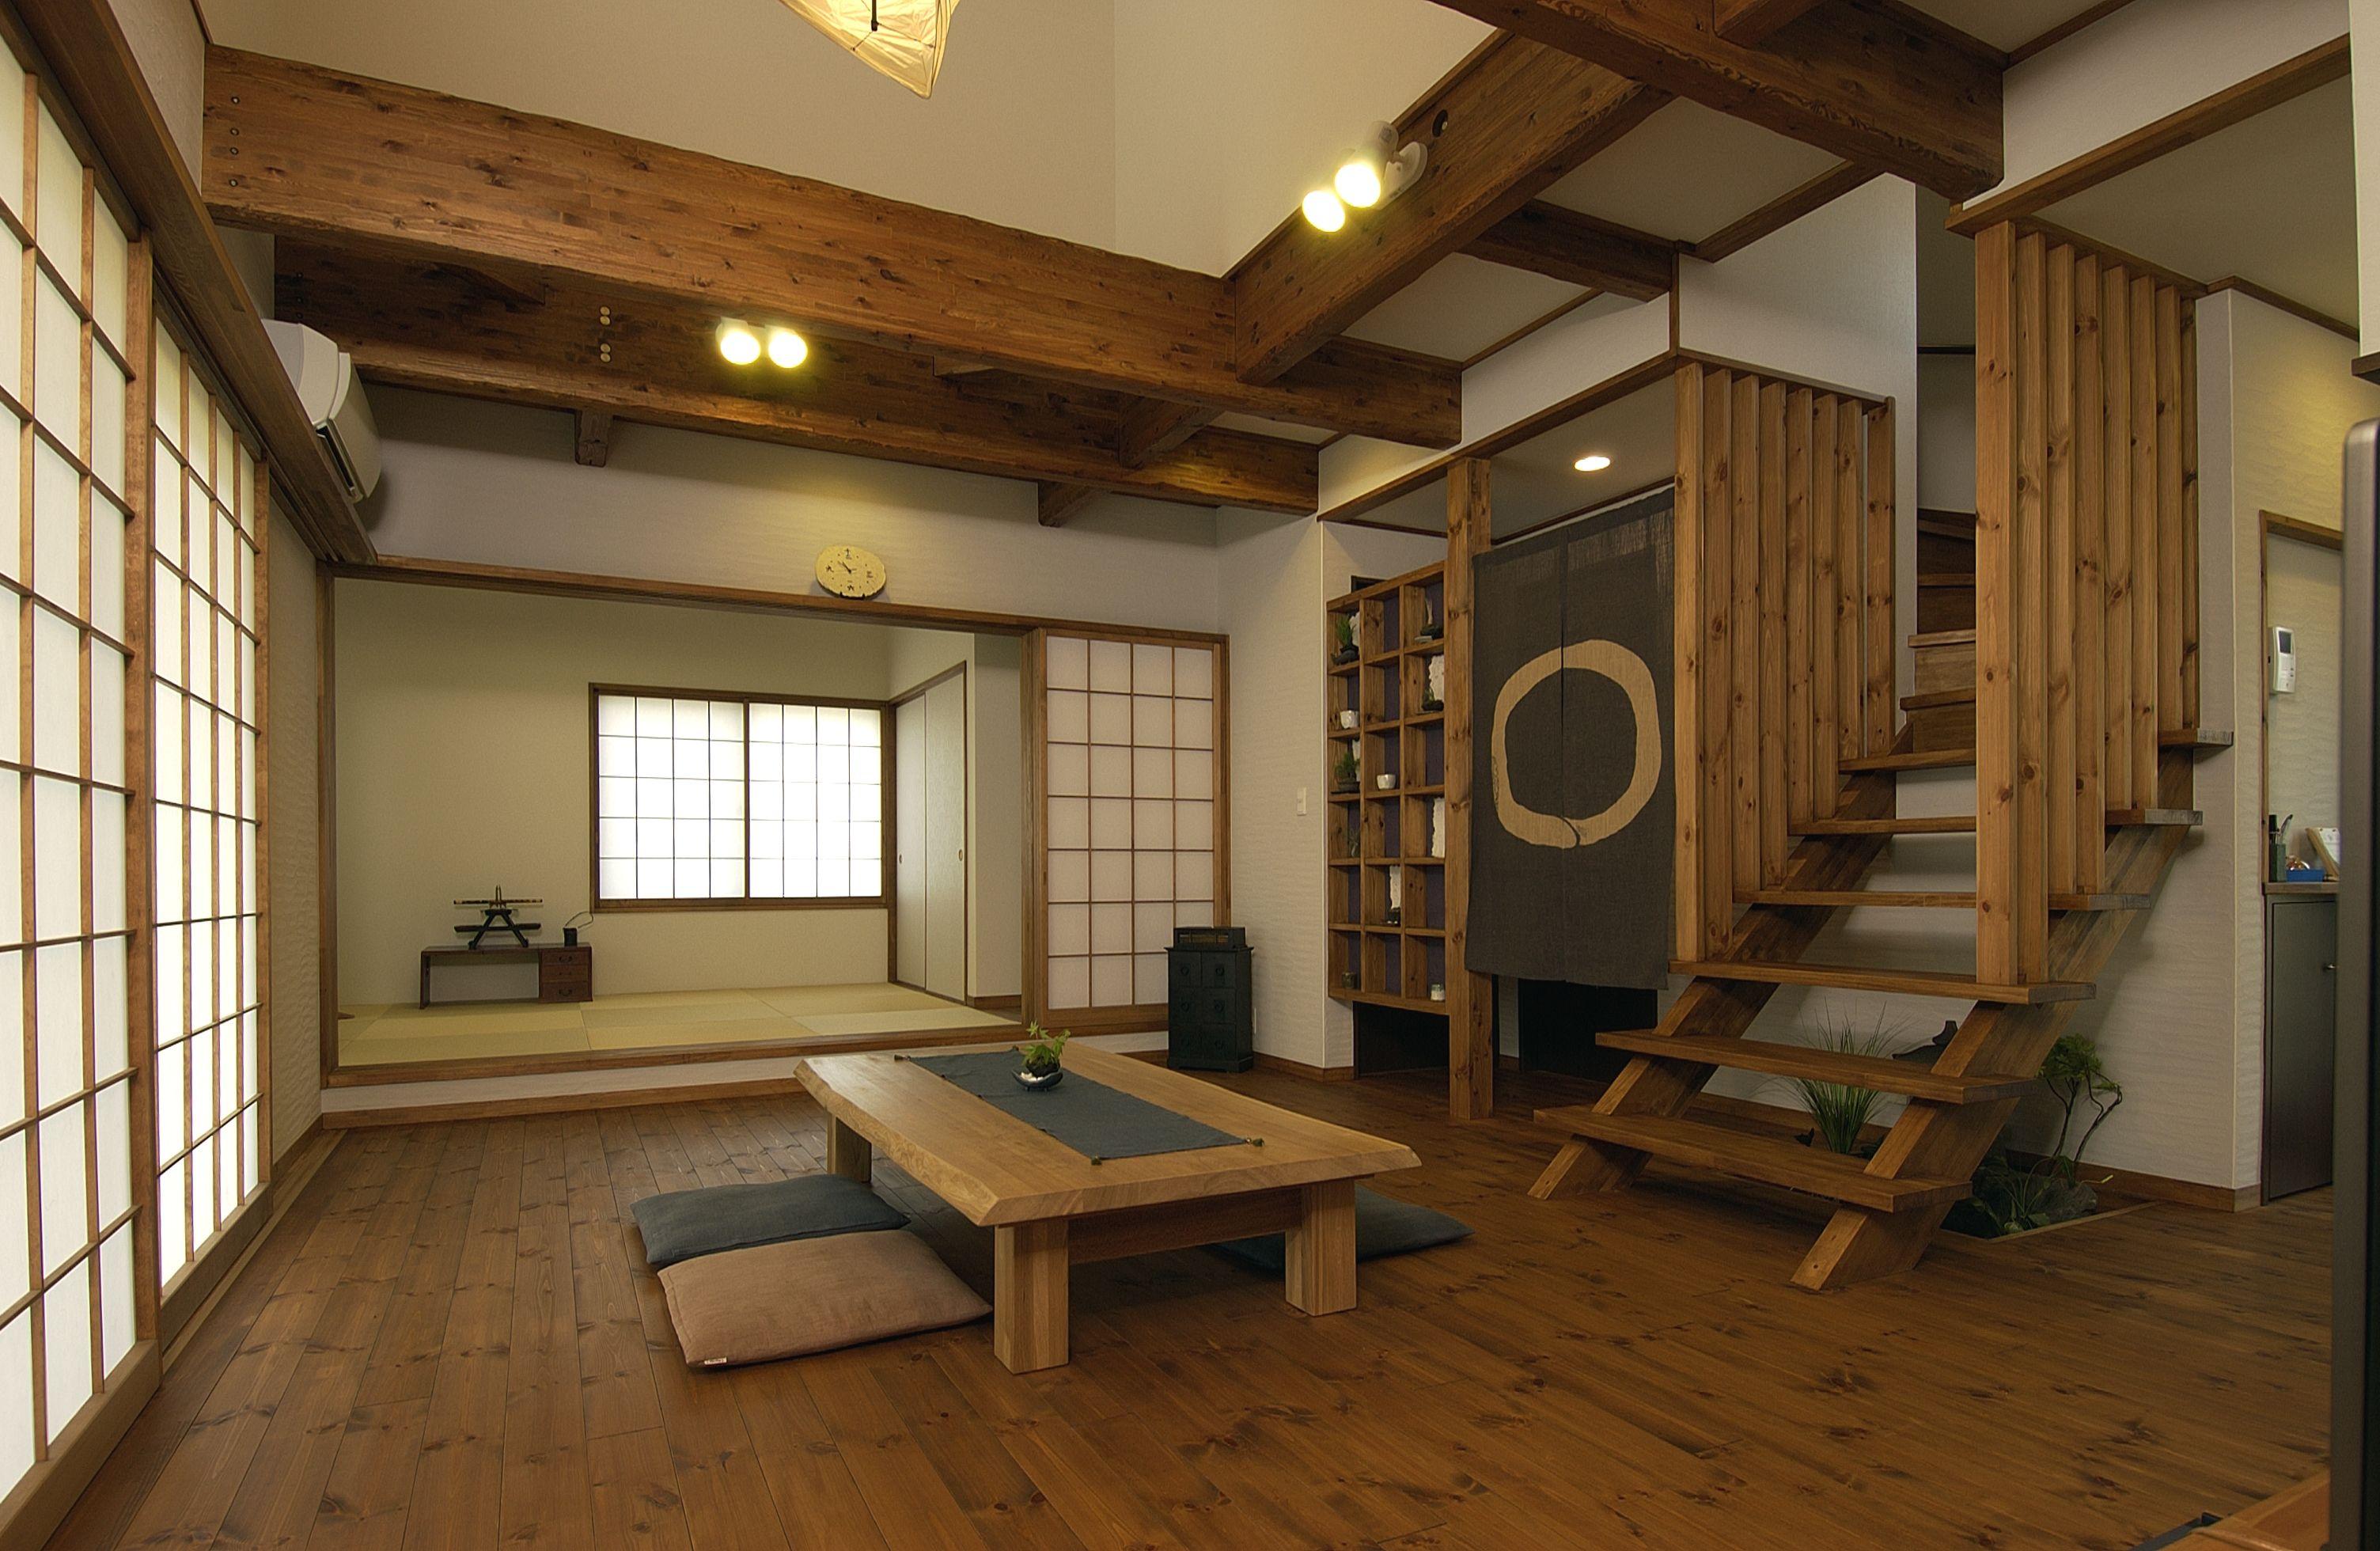 和 だけど モダン な家 リビング横 Traditional Japanese House